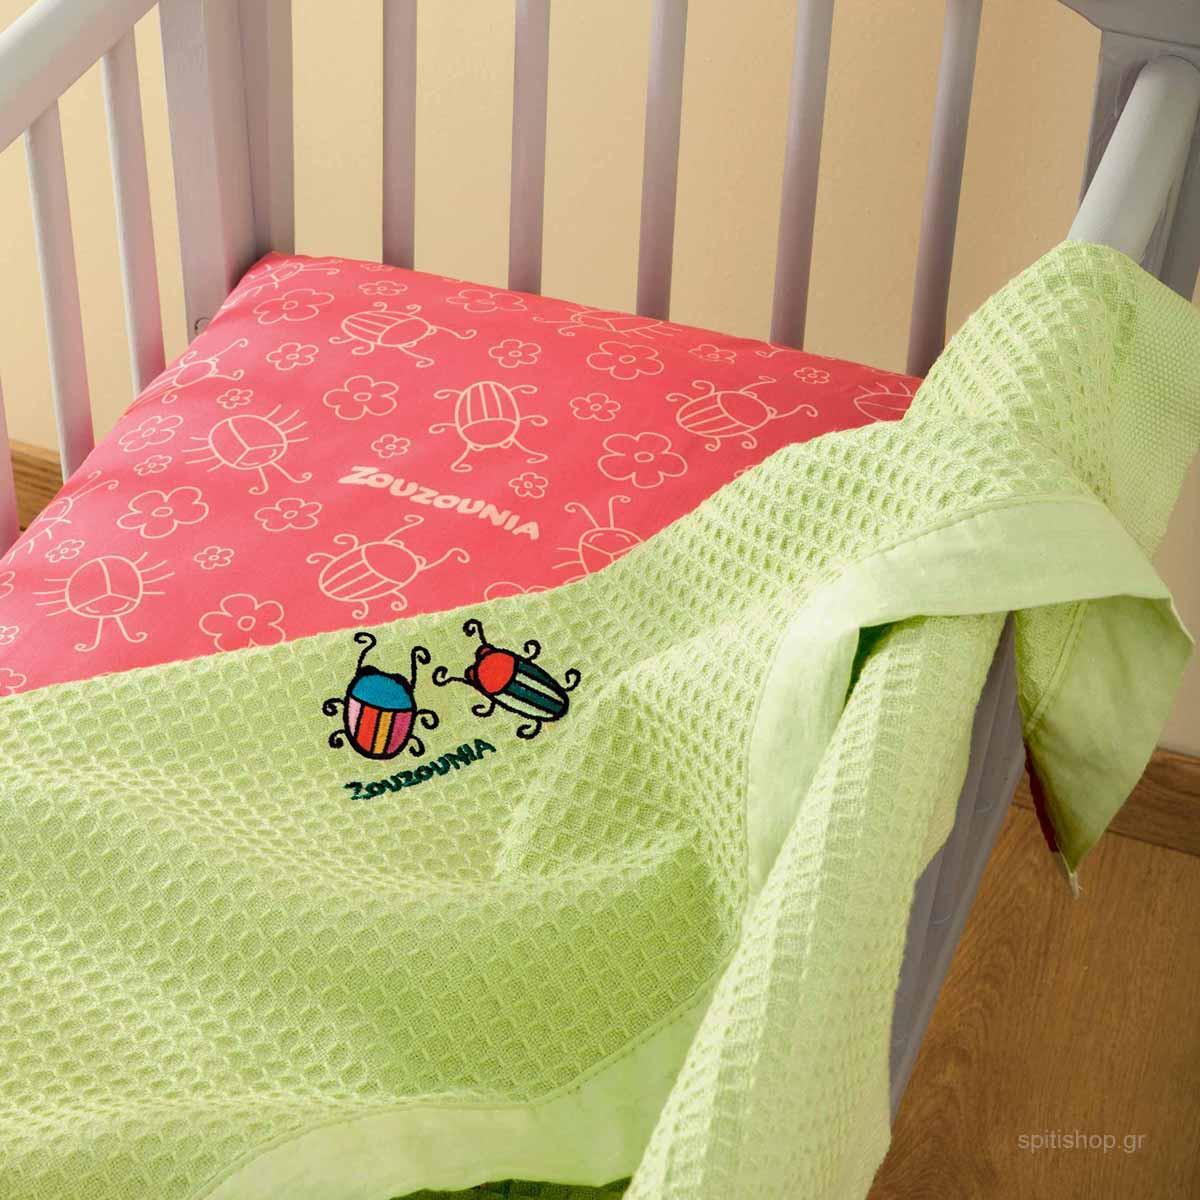 Κουβέρτα Πικέ Αγκαλιάς Zouzounia Μπάμπουρας 398 home   βρεφικά   κουβέρτες βρεφικές   κουβέρτες καλοκαιρινές